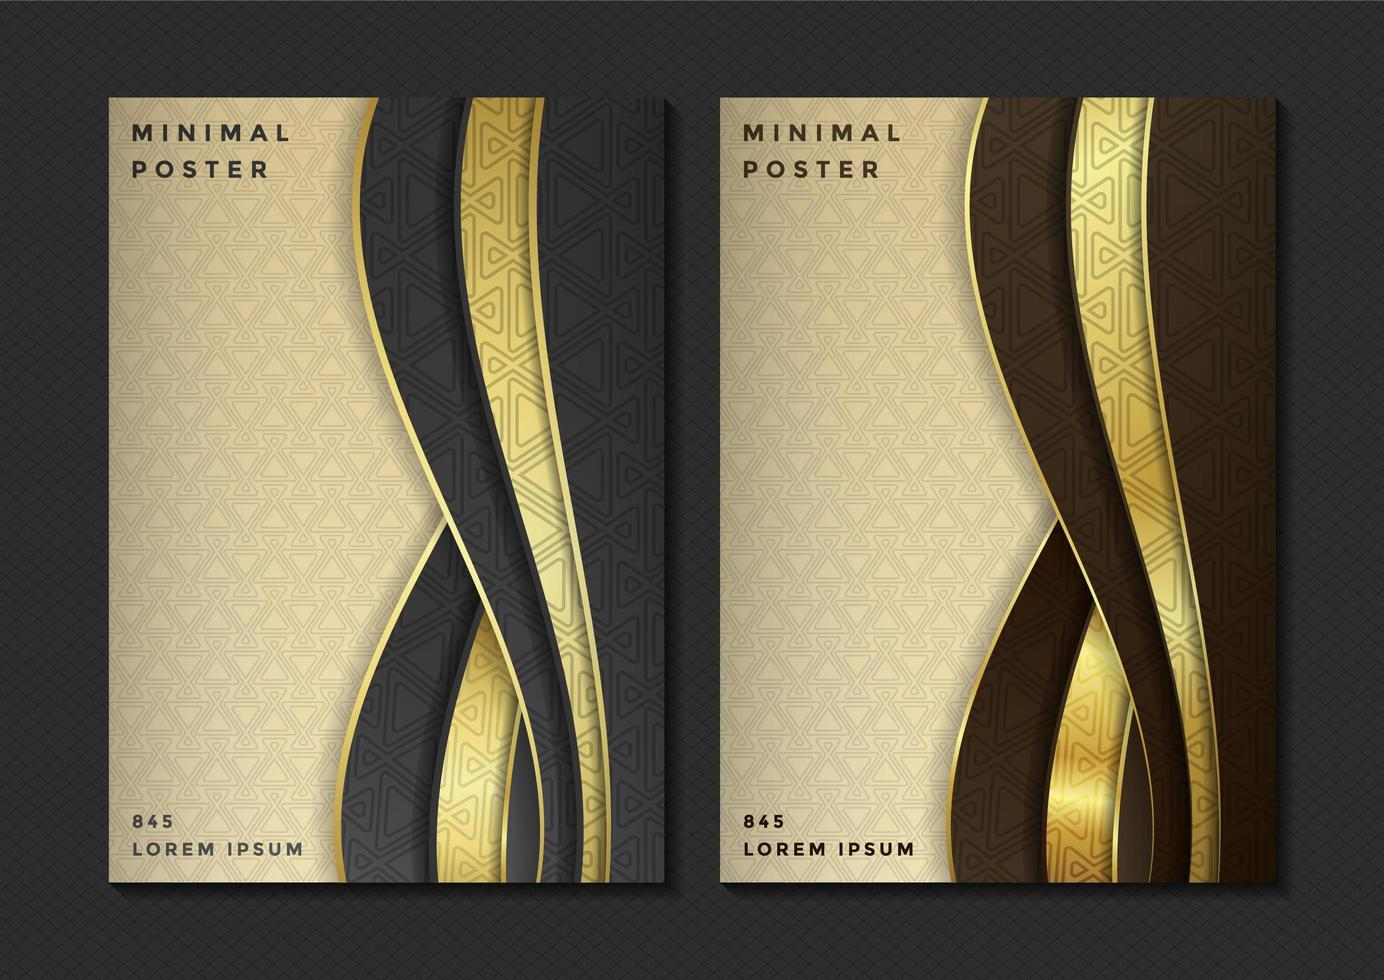 conjunto de póster abstracto mínimo vector